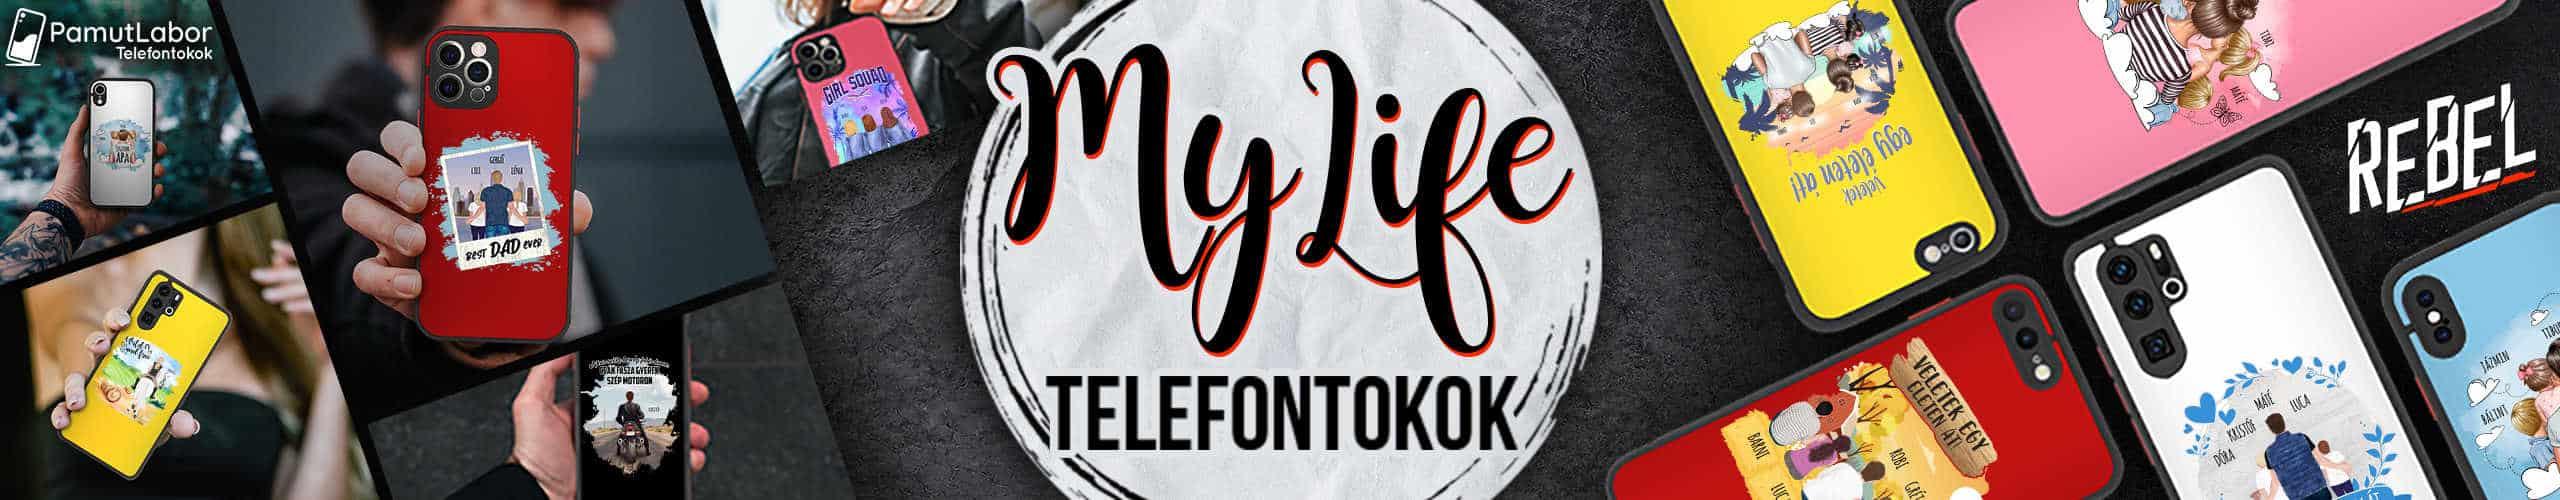 MyLife Telefontokok! - Perszonalizált Termékek